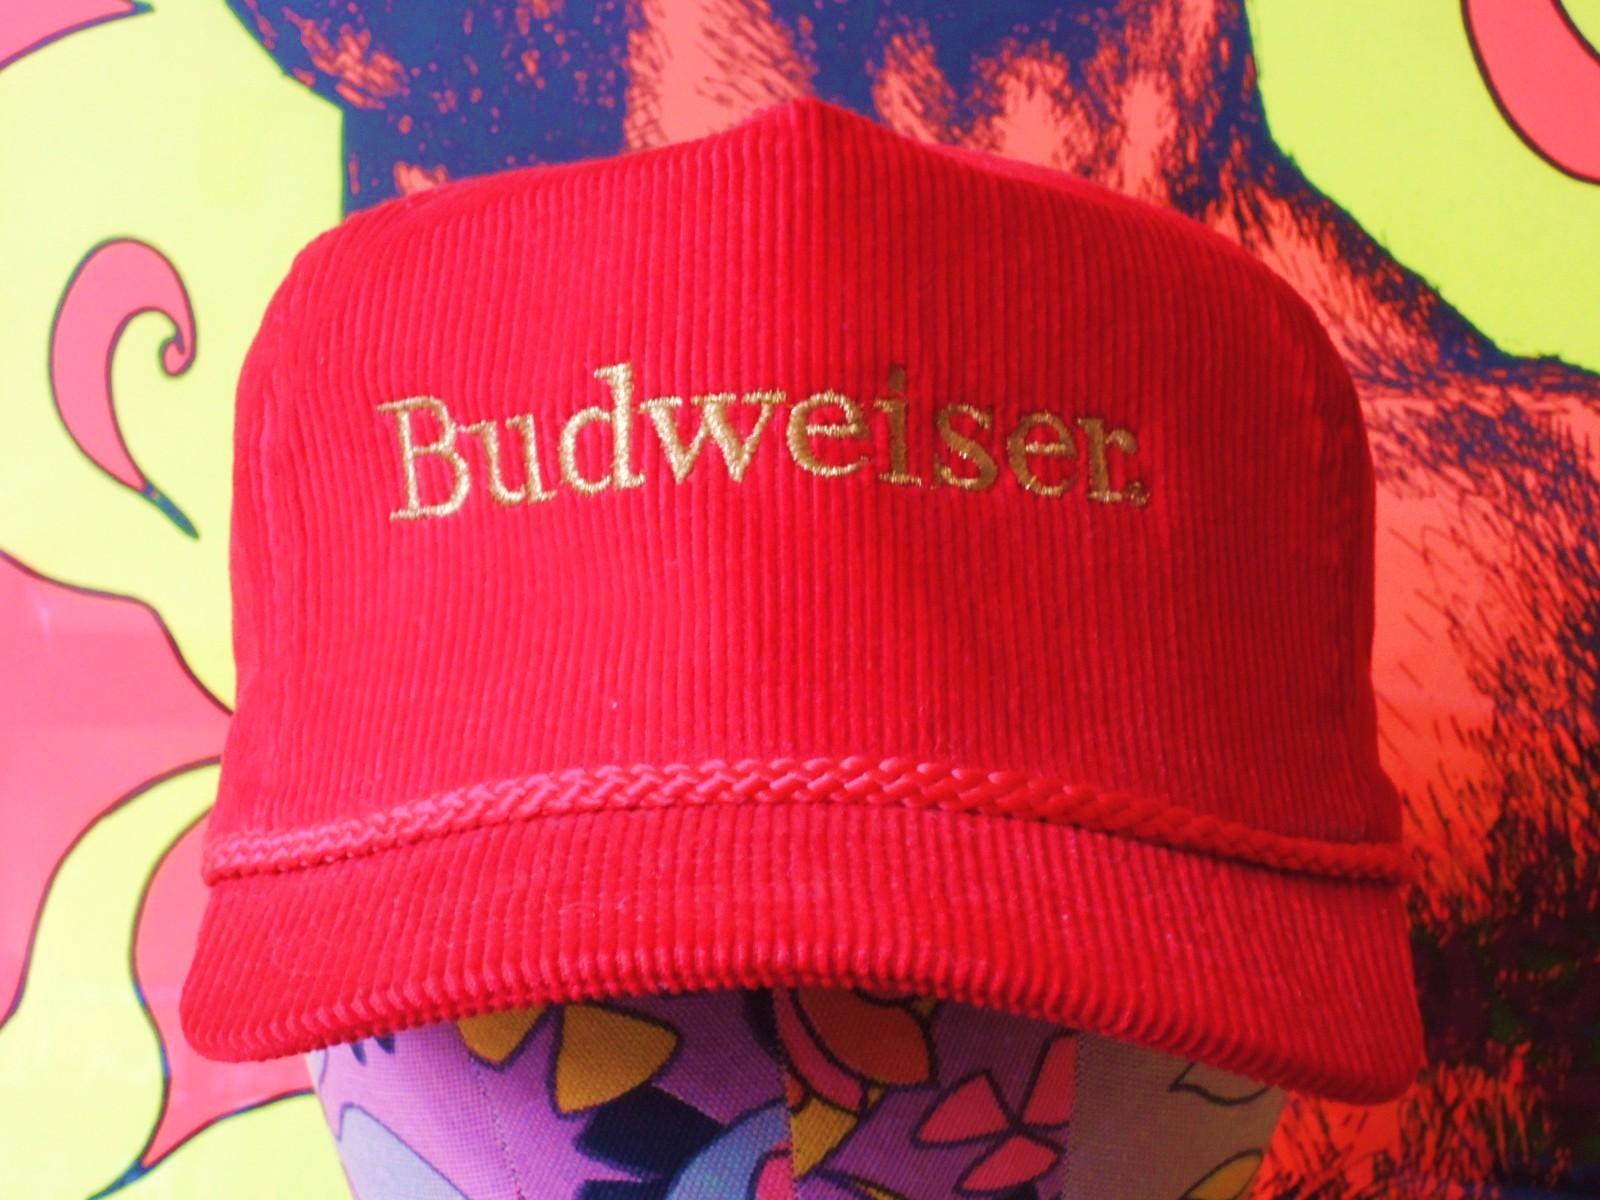 budweisercordcap04.JPG